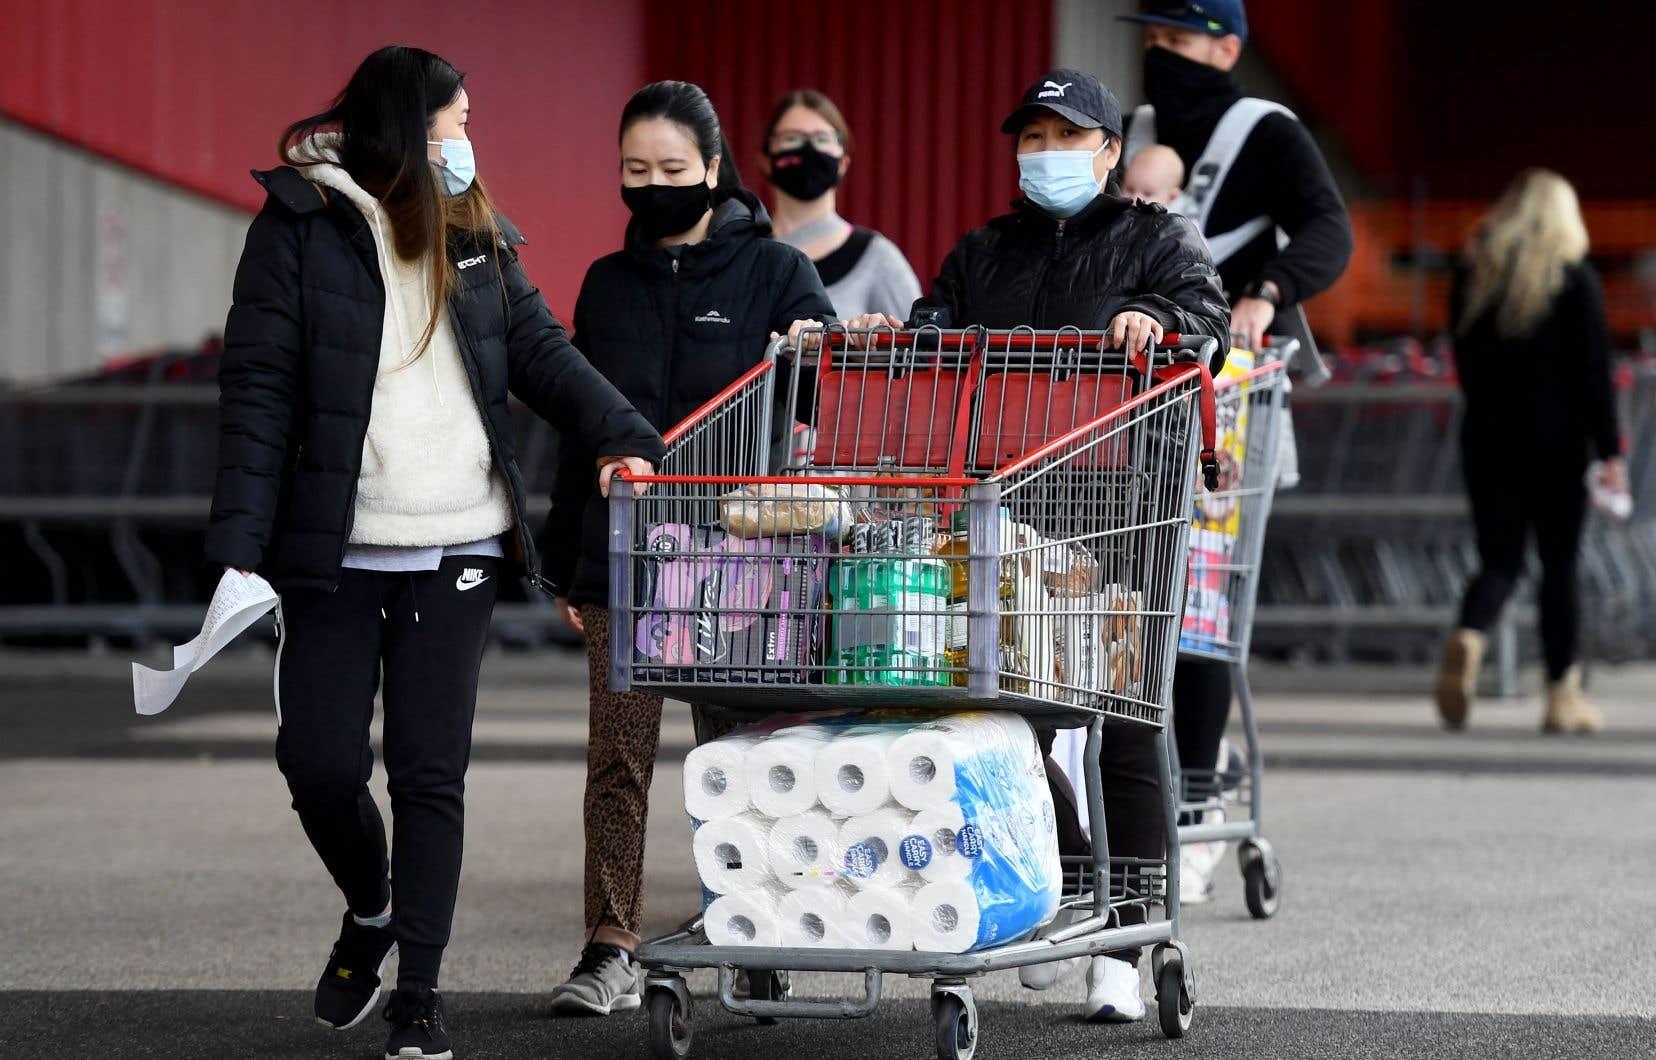 Des résidents de Melbourne ont fait des provisions alors que la ville a été ordonnée de se confiner pour une durée d'une semaine.